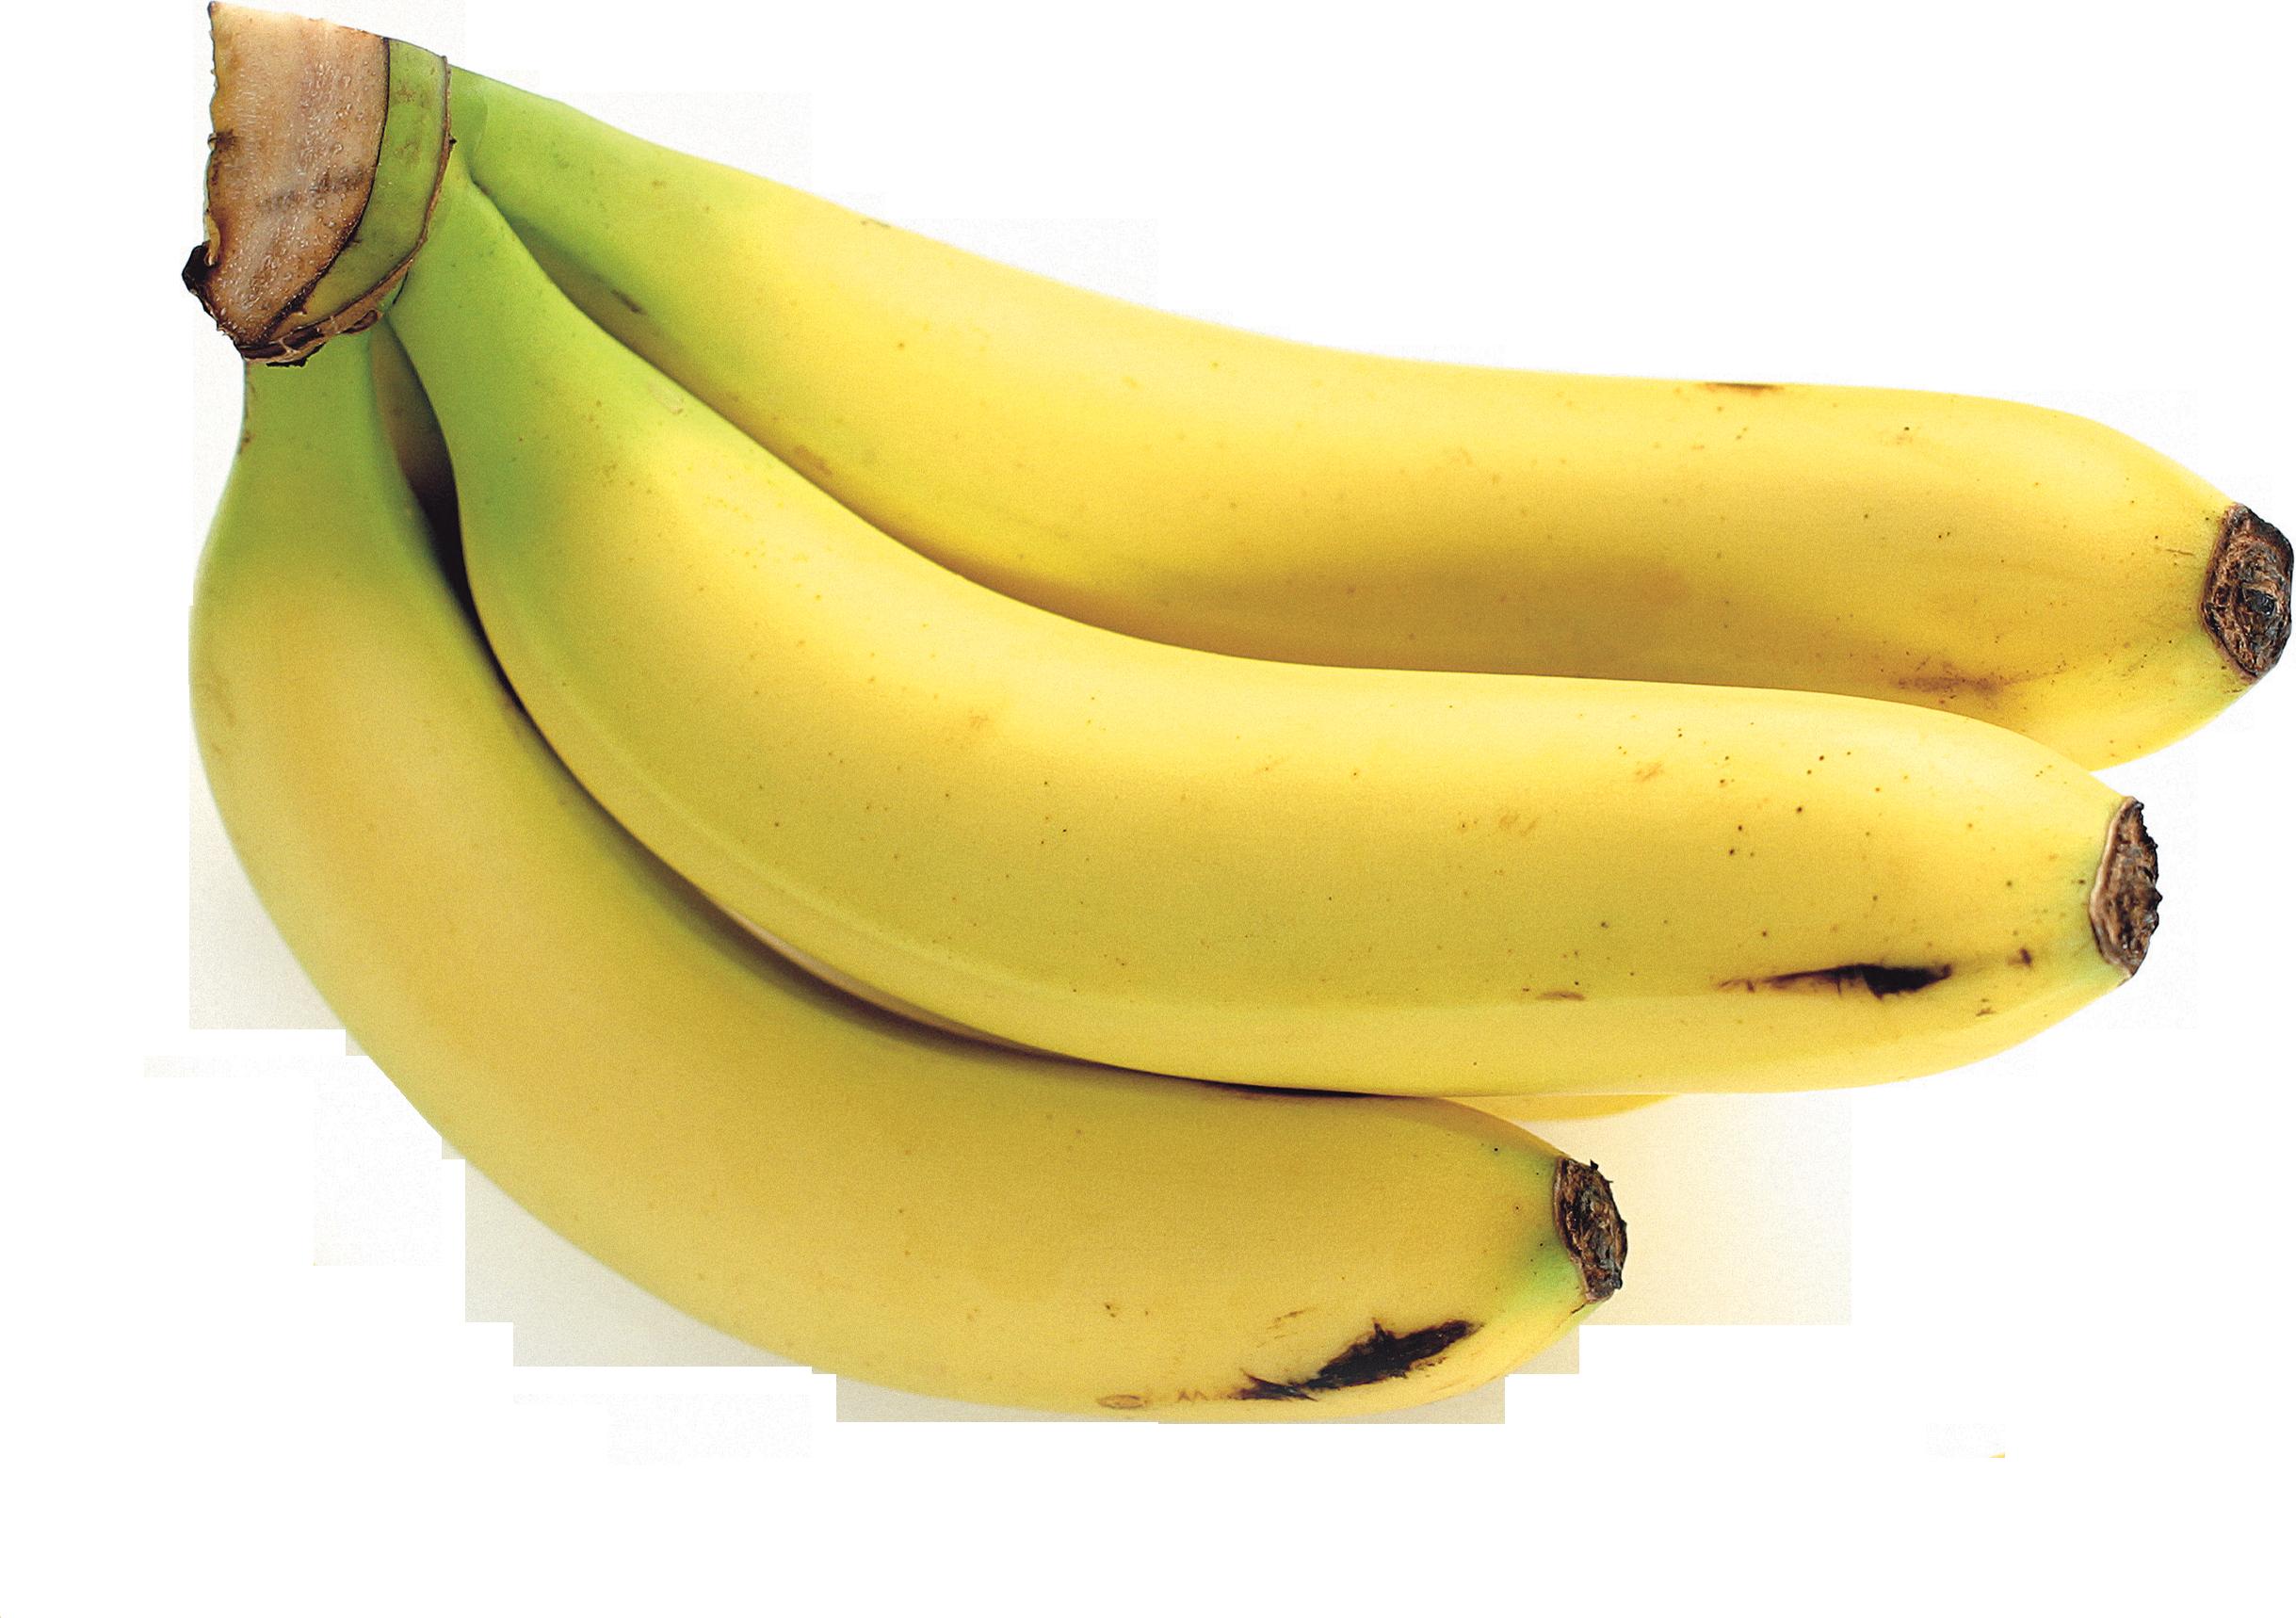 Banana Png image #27765